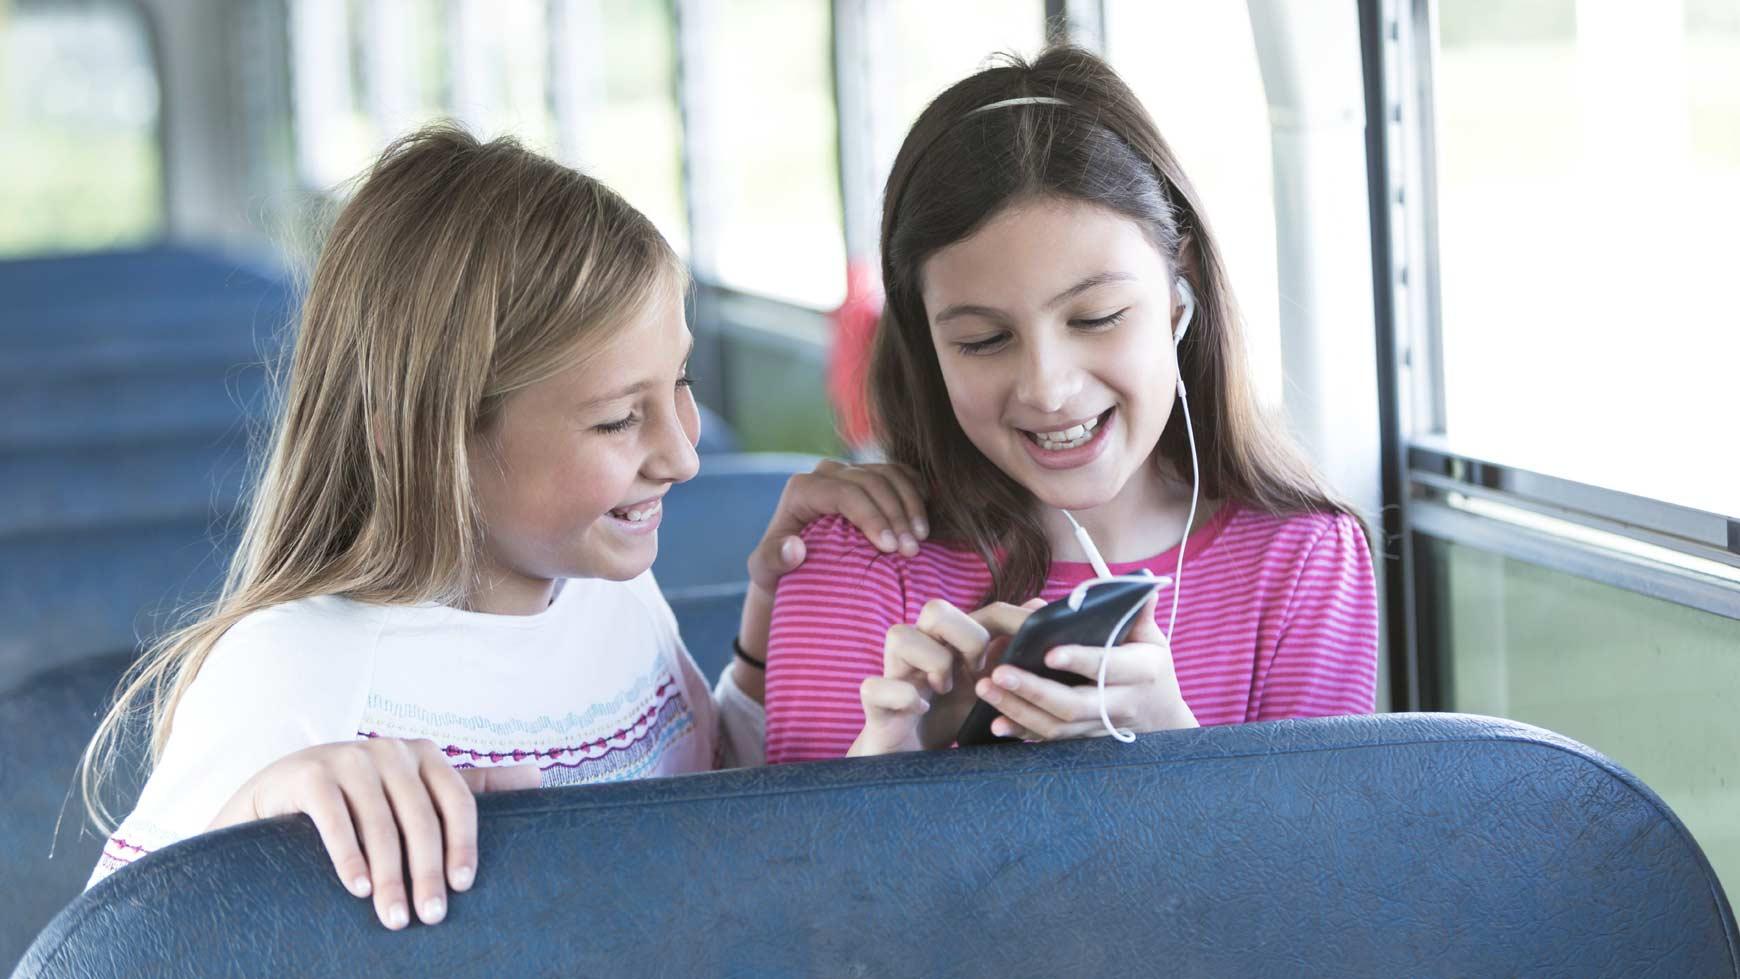 Friends Talking At School